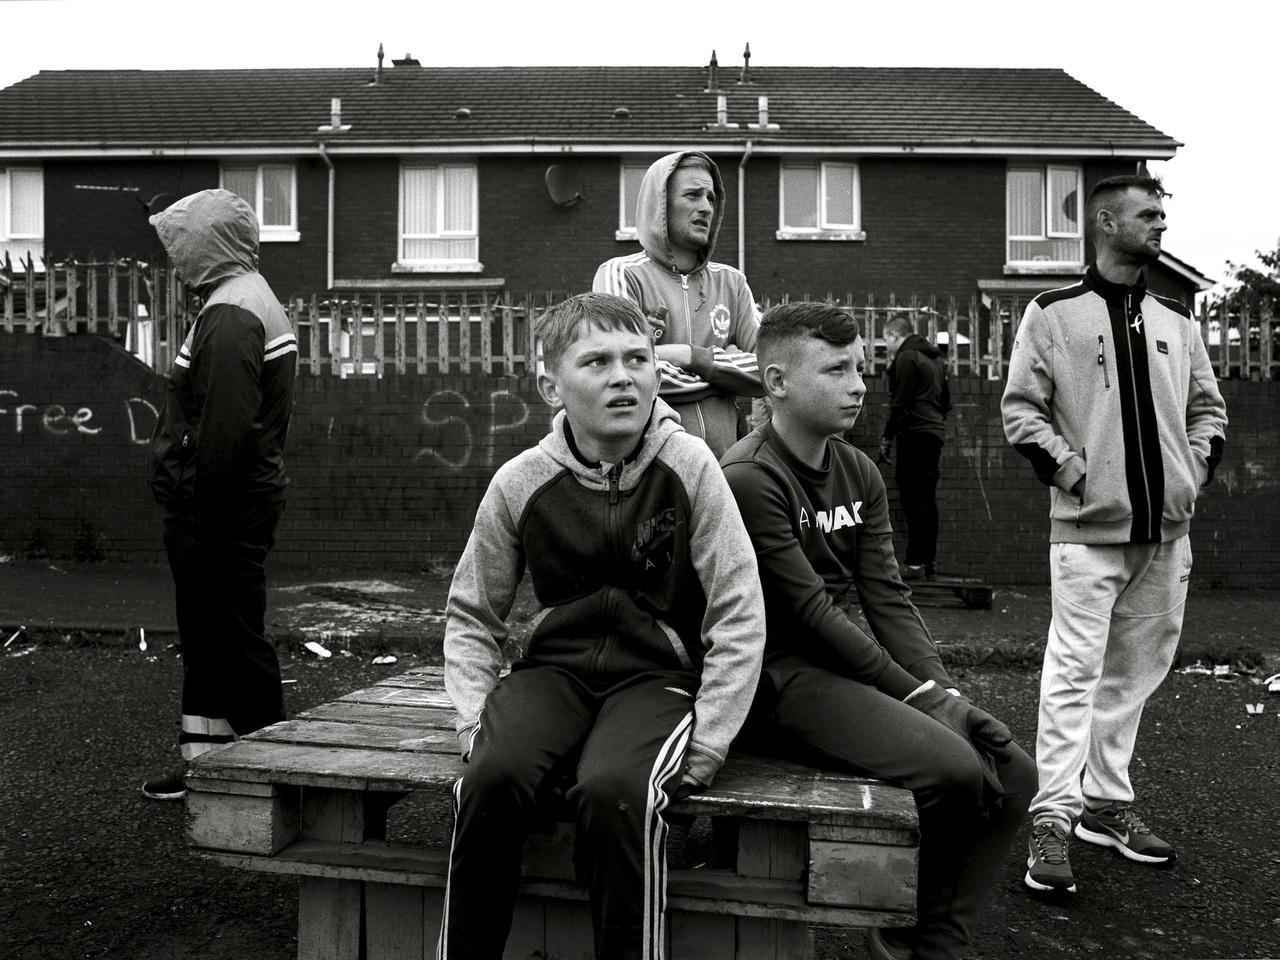 Munkanélküliség, bűnöző bandák, drogok és alkohol - ez vár rengeteg mai tinire az Egyesült Királyság félreeső részein, az egykor virágzó vidéki iparvárosokban, ahol a jólétet mérő társadalmi mutatók az országos átlagnál 3-11-szer rosszabbak.Észak-Írország egyes részein a súlyos helyzetet vallási szegregáció és egykori félkatonai csoportok utódszervezetei súlyosbítják.